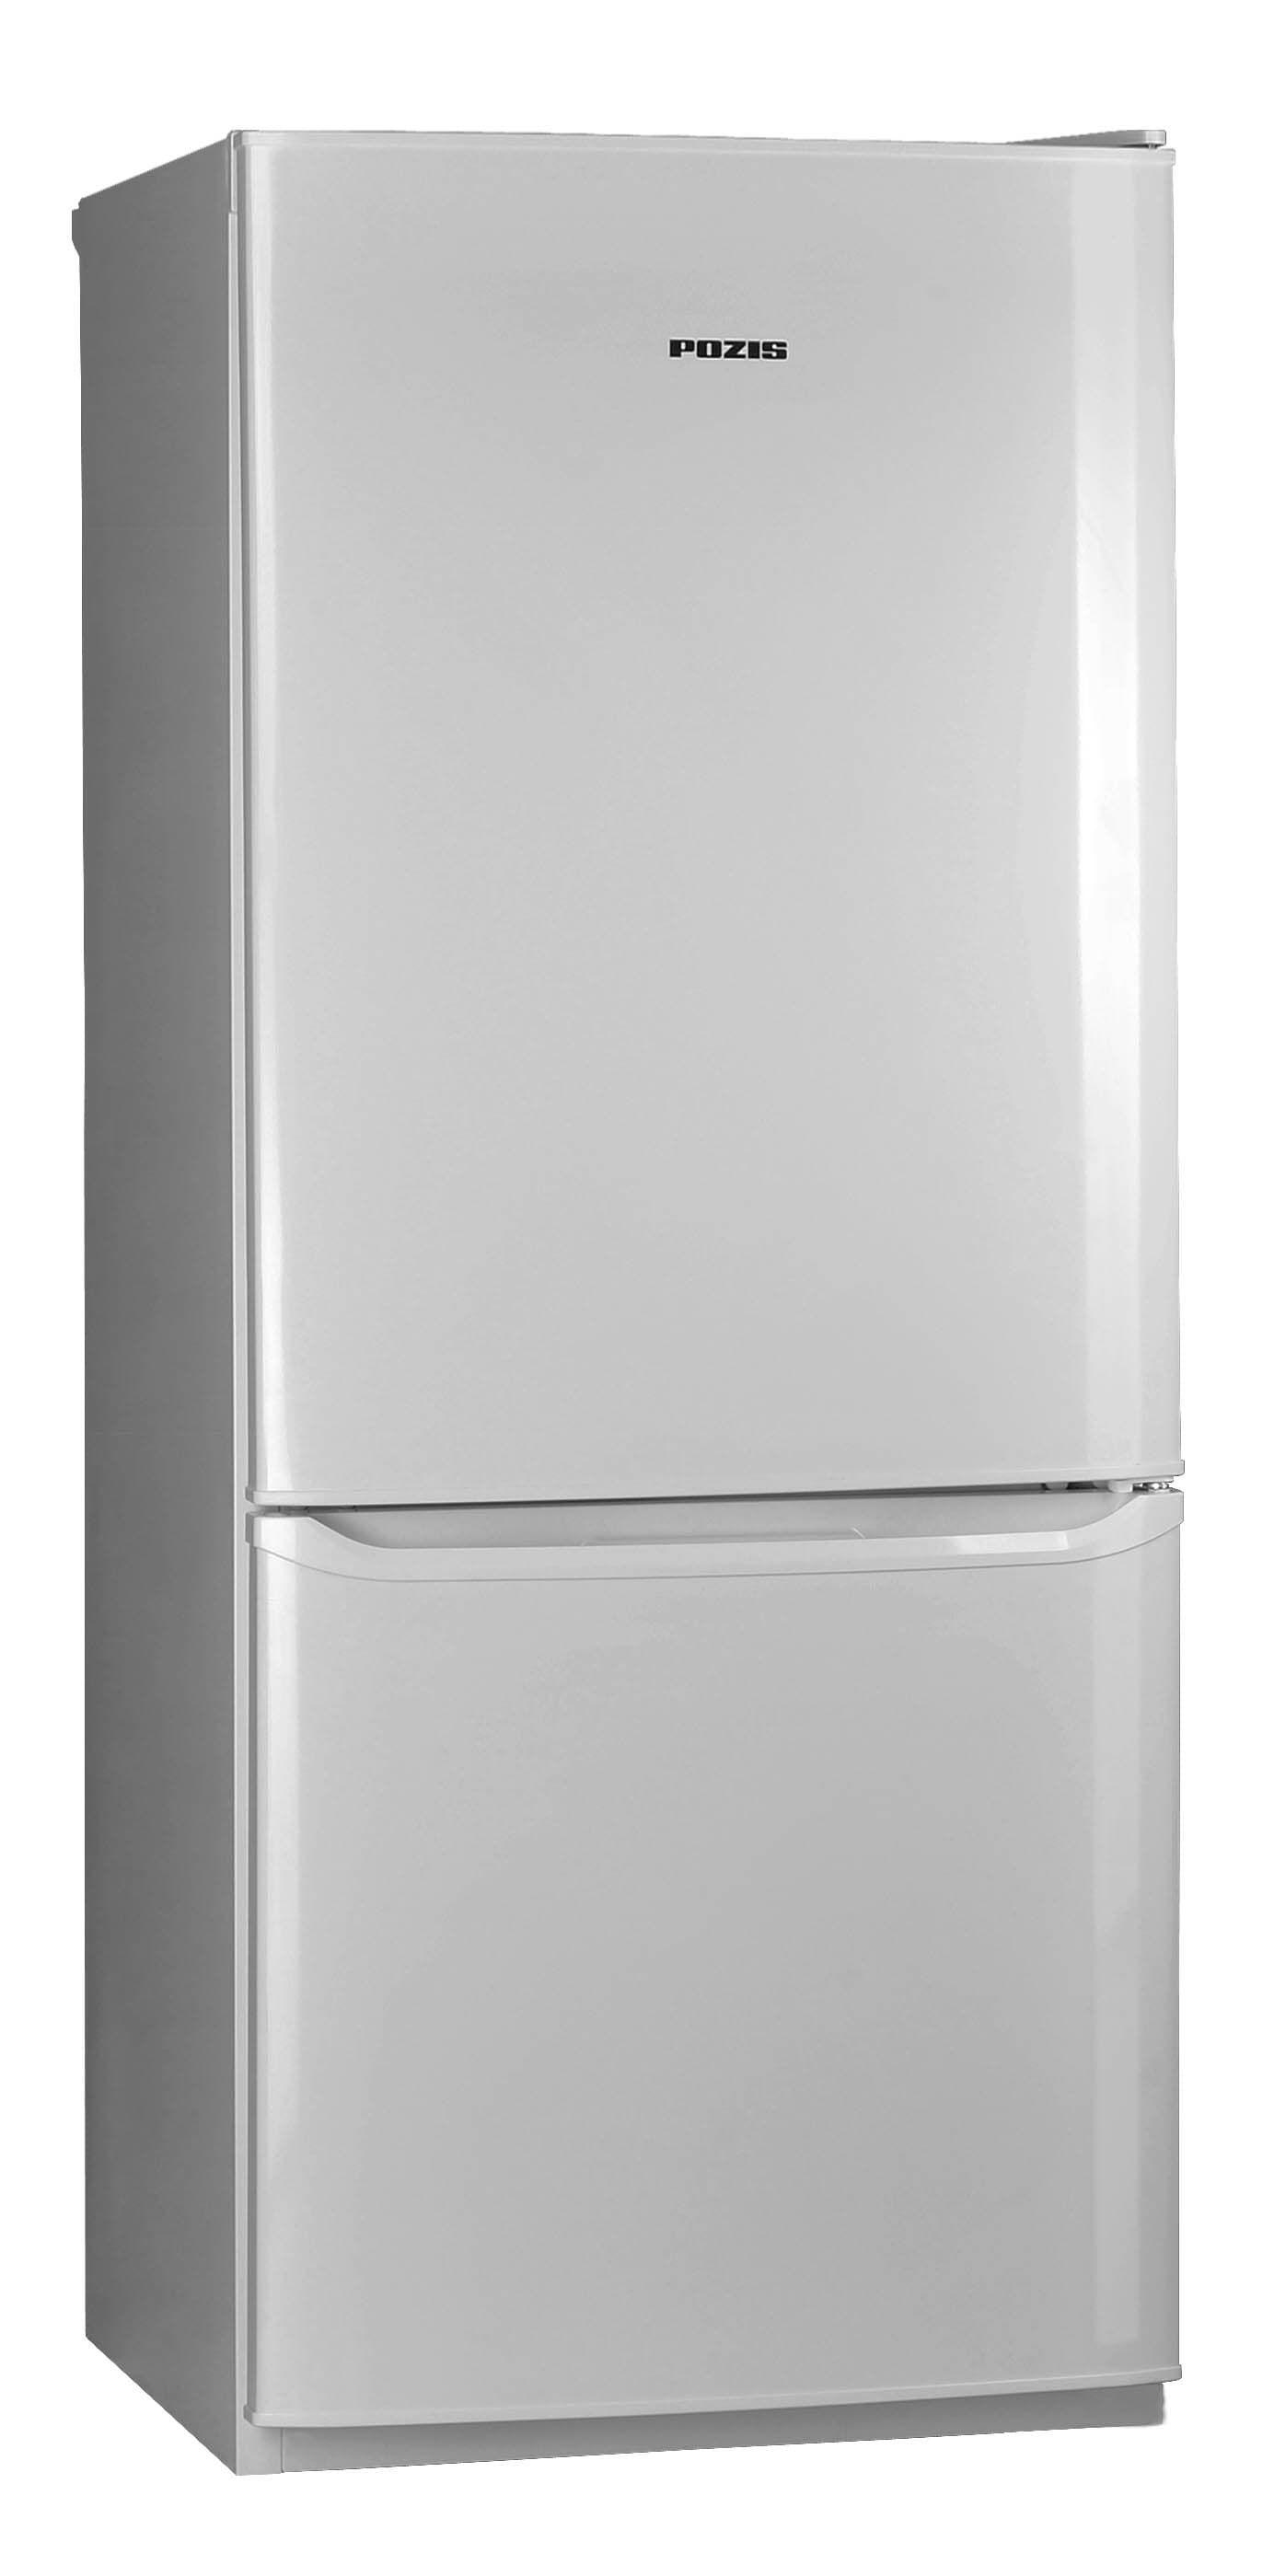 Шкаф холодильный RK-101 серебристый